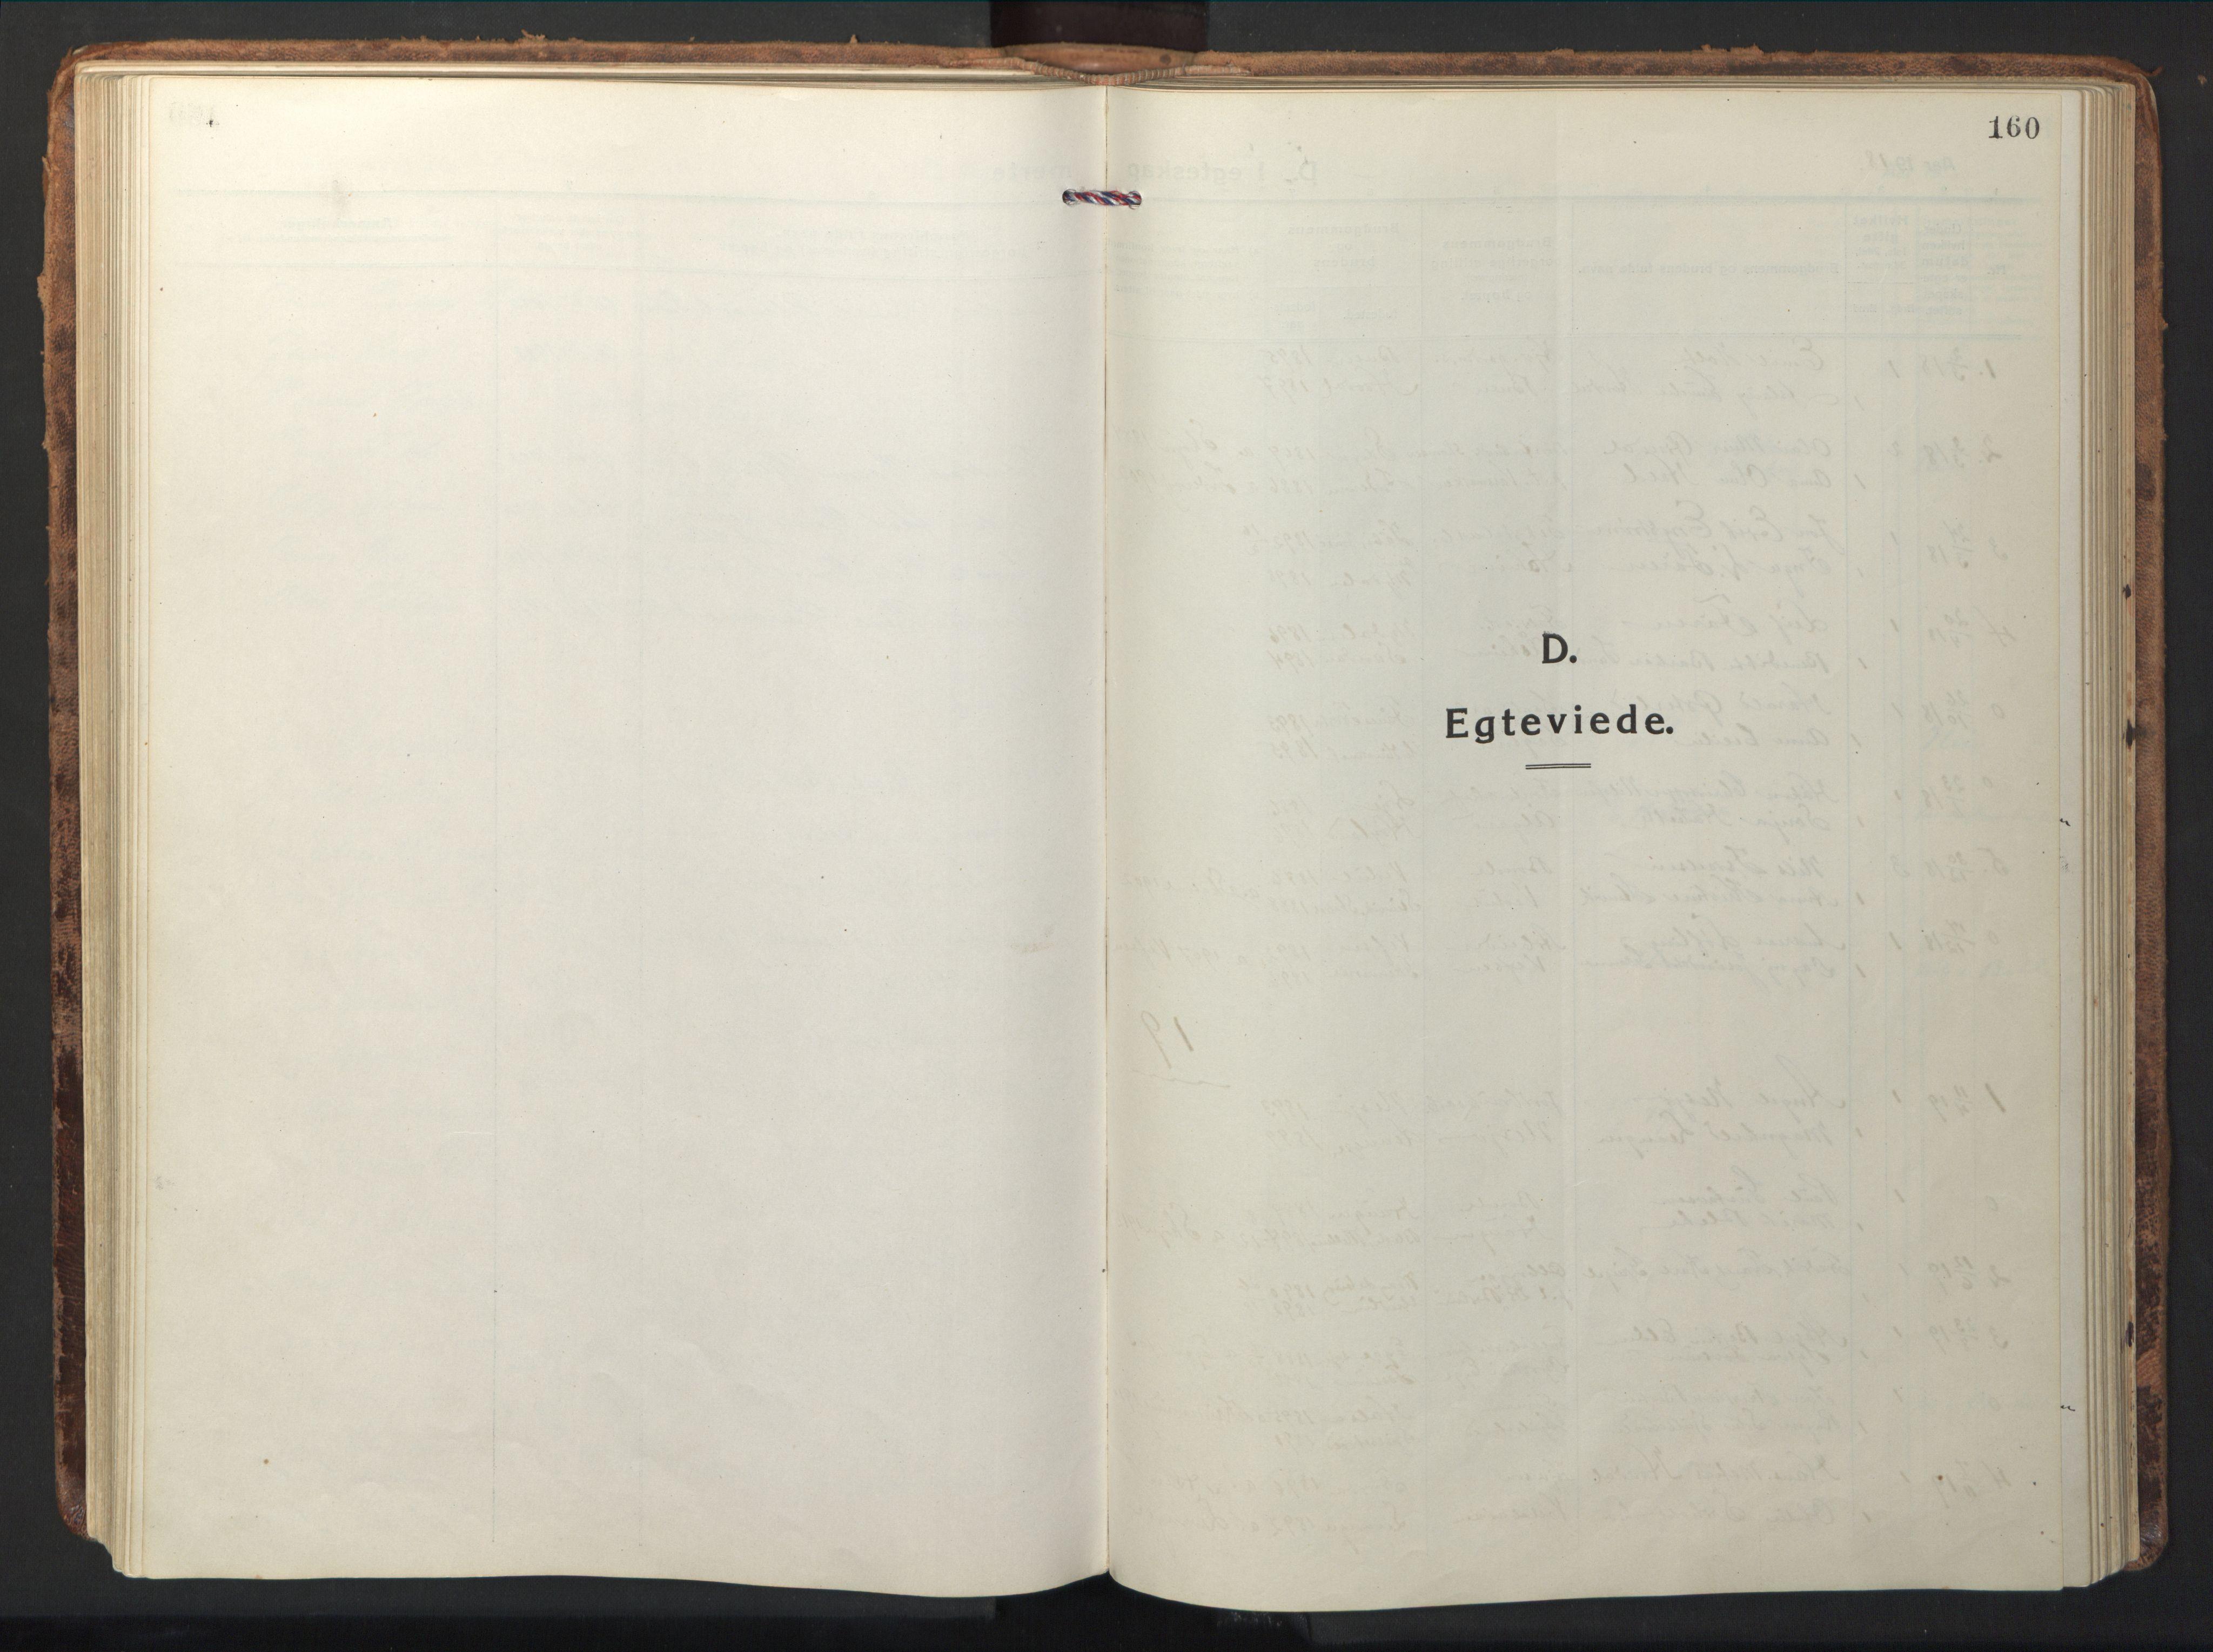 SAT, Ministerialprotokoller, klokkerbøker og fødselsregistre - Nord-Trøndelag, 714/L0136: Klokkerbok nr. 714C05, 1918-1957, s. 160